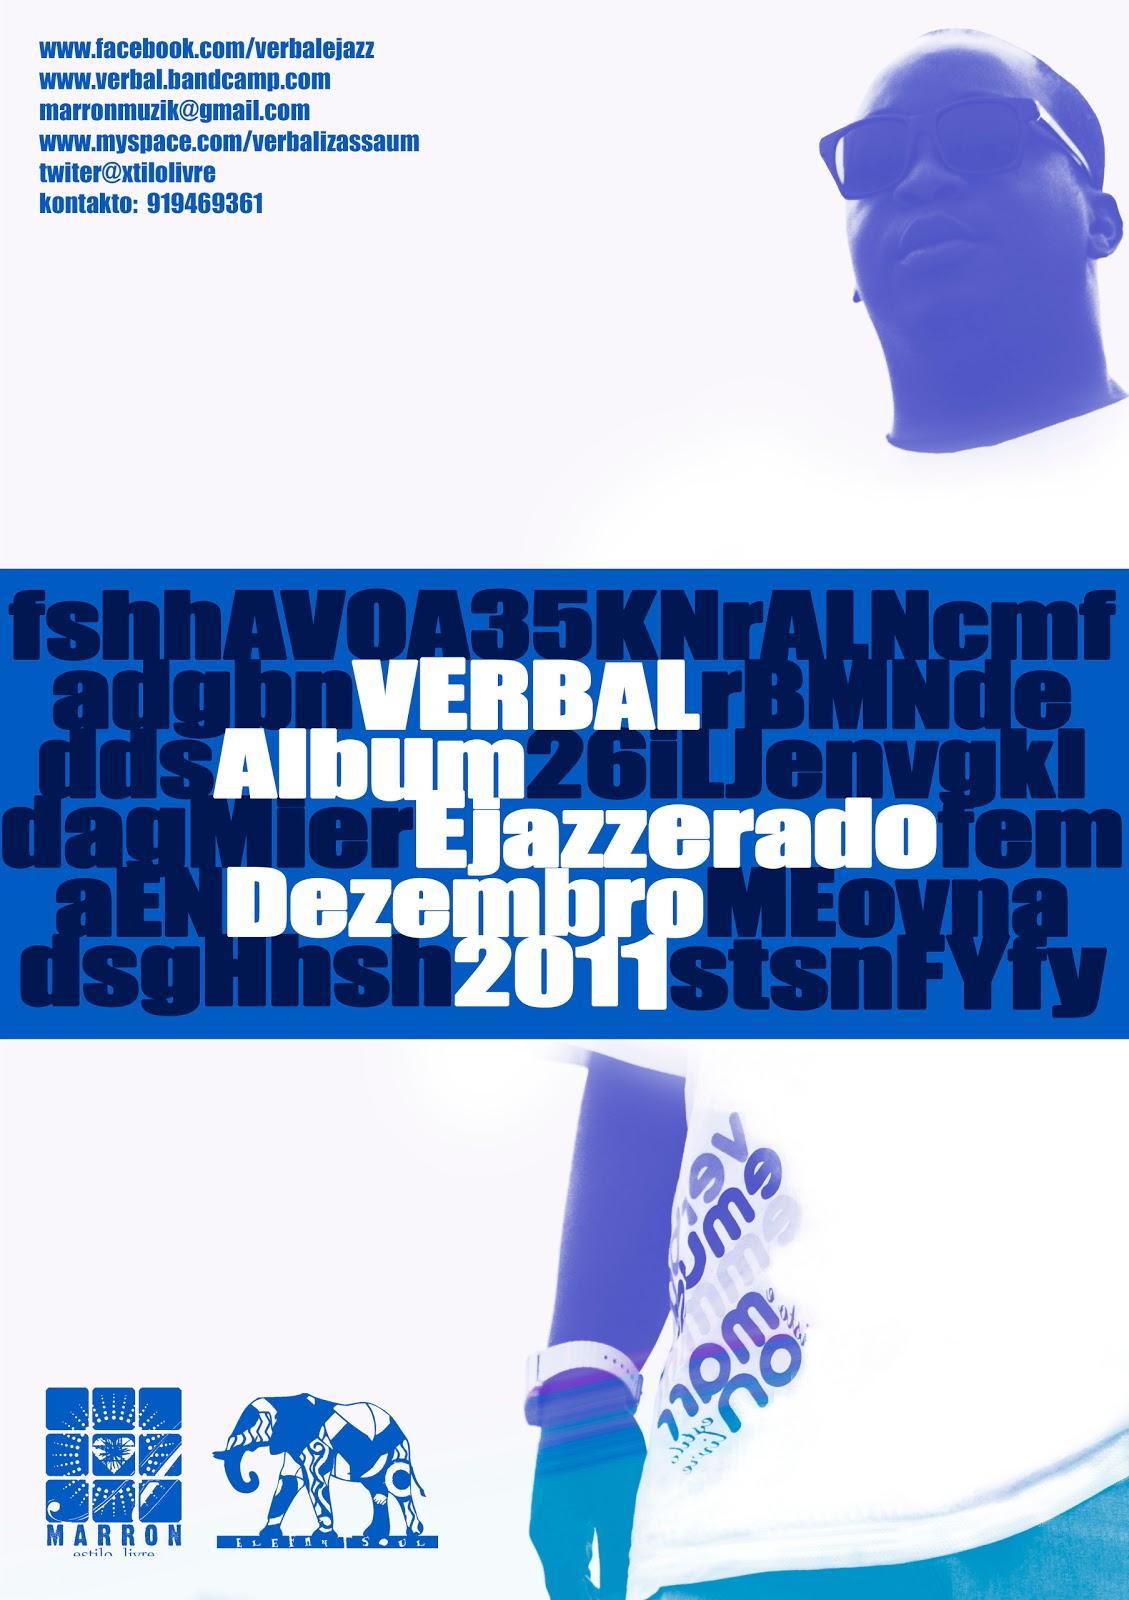 http://4.bp.blogspot.com/-n876MRoddcQ/TqdKpNQbbQI/AAAAAAAADhk/4PpkVtVWBvA/s1600/Ejazzpub.jpg